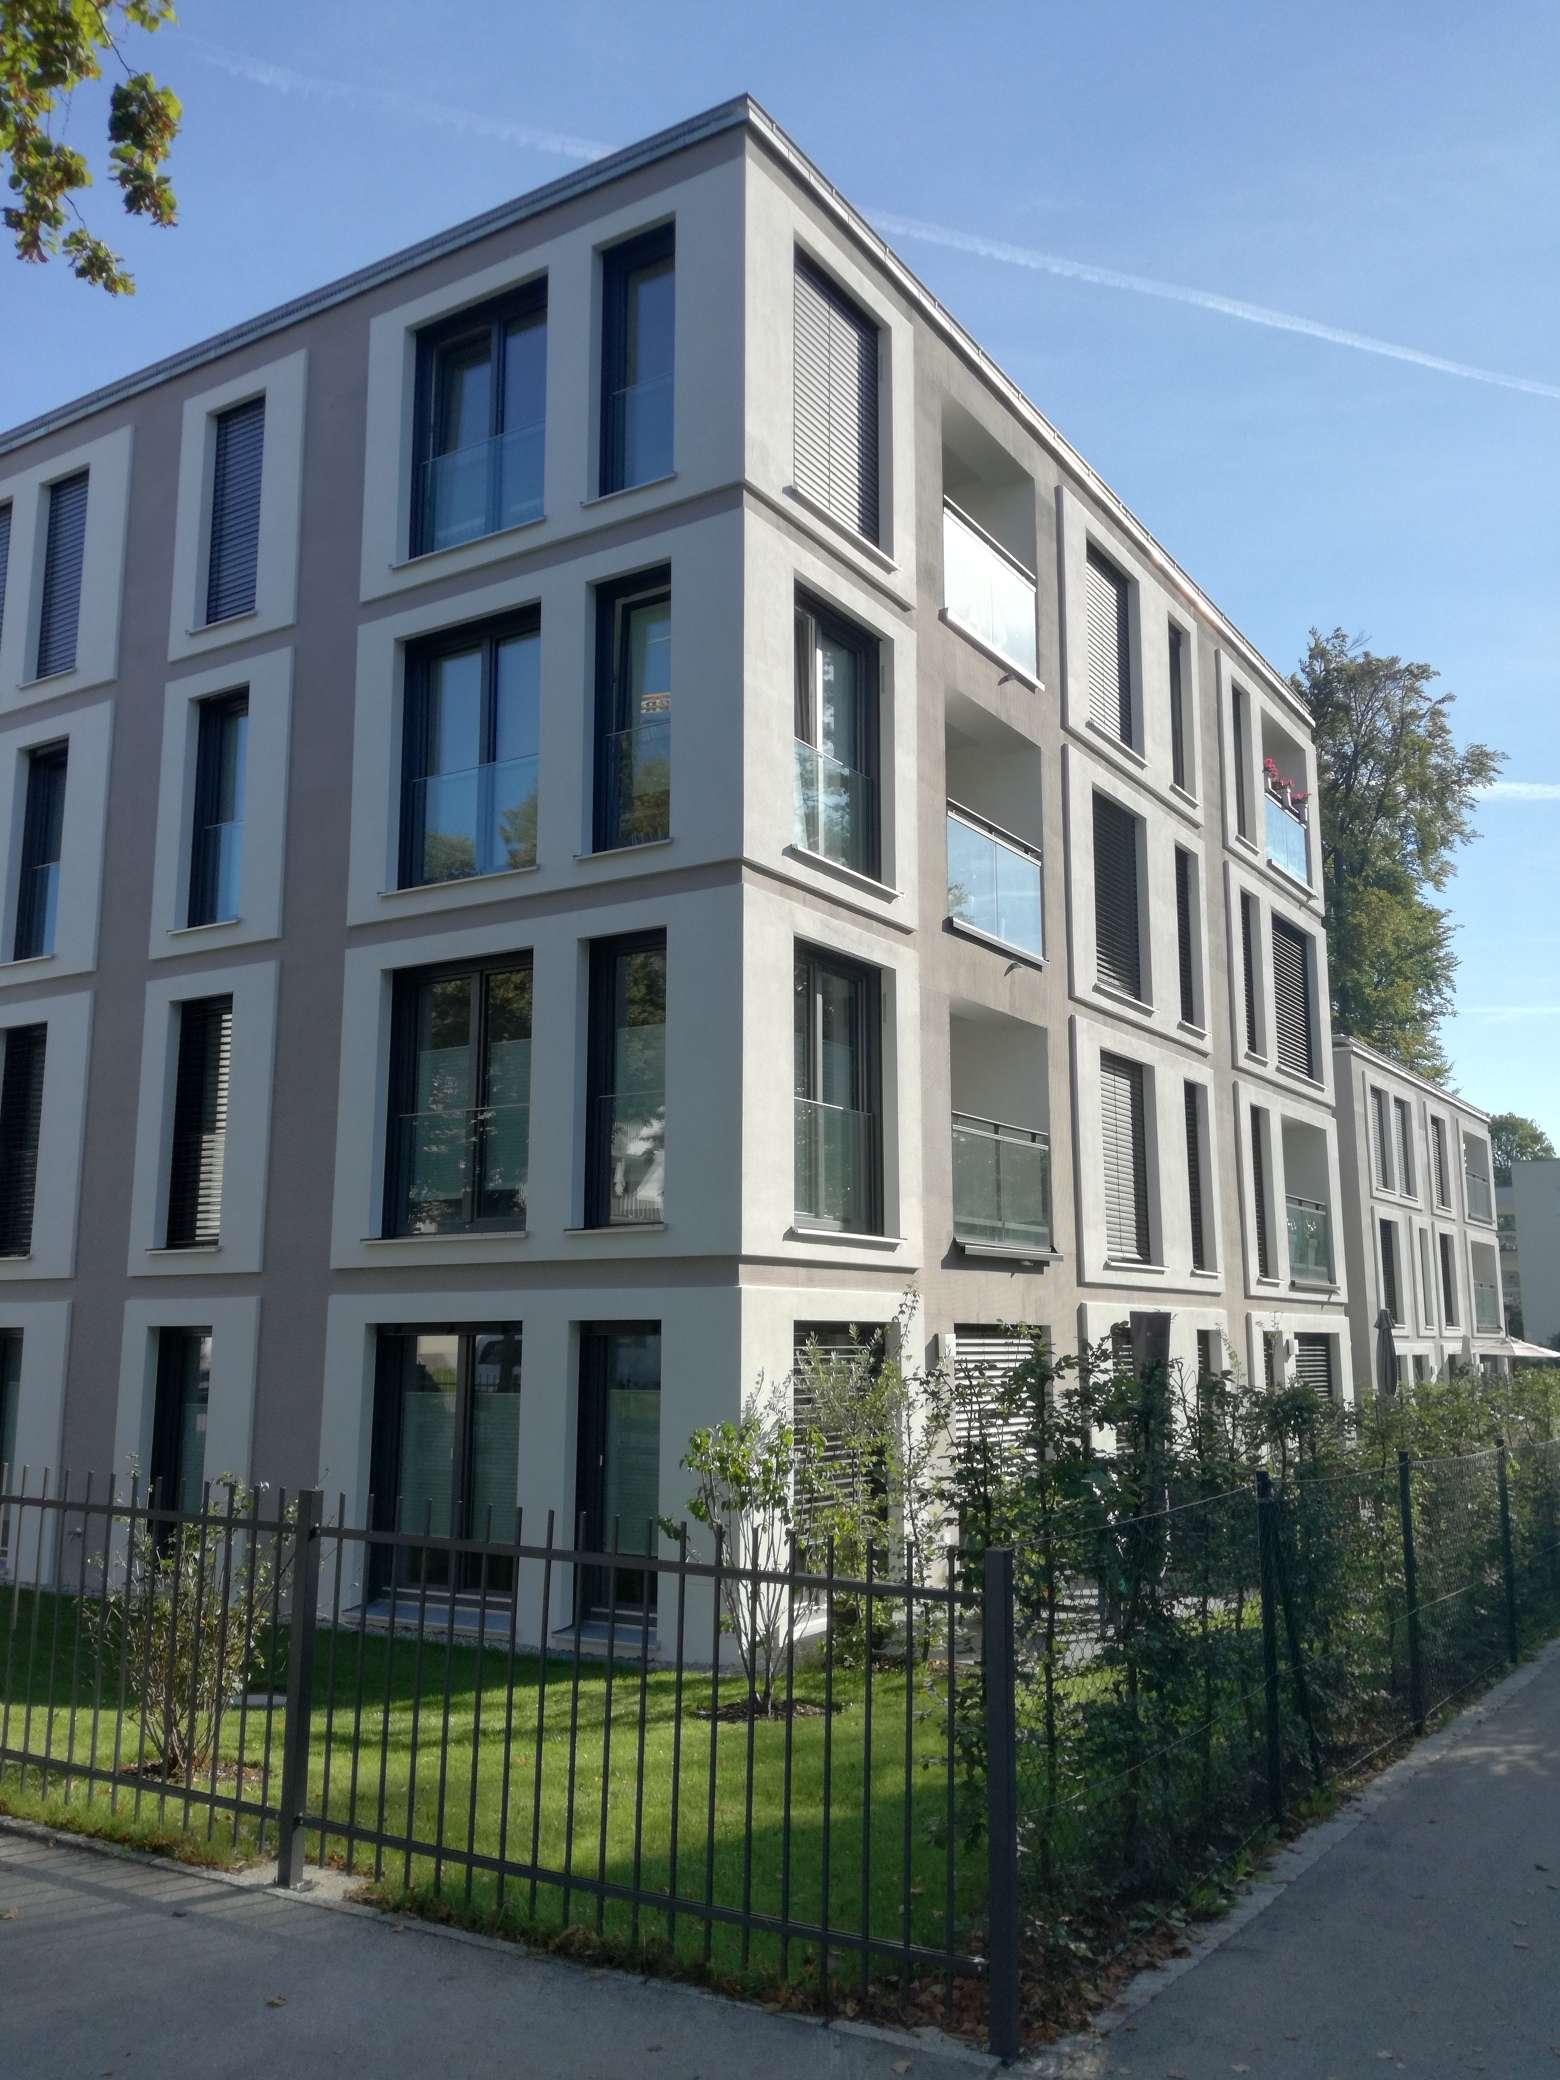 Modernes Wohnen zentral in Starnberg! 3-Zimmer-Maisonette-Wohnung Bearbeiten